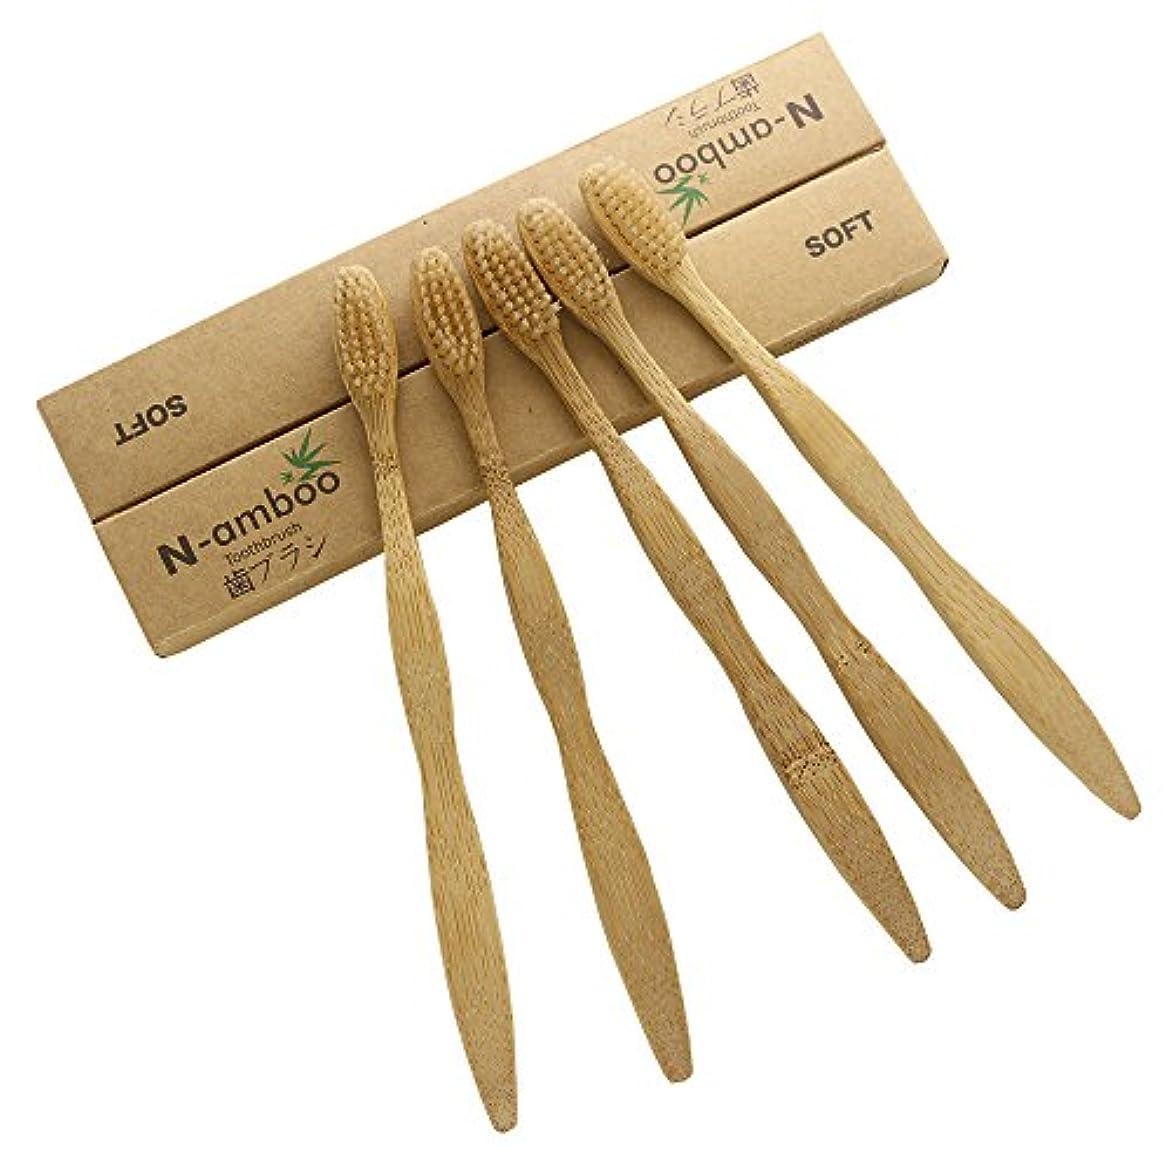 櫛顕著平和なN-amboo 歯ブラシ 竹製 耐久性 ベージュ セット (5本)